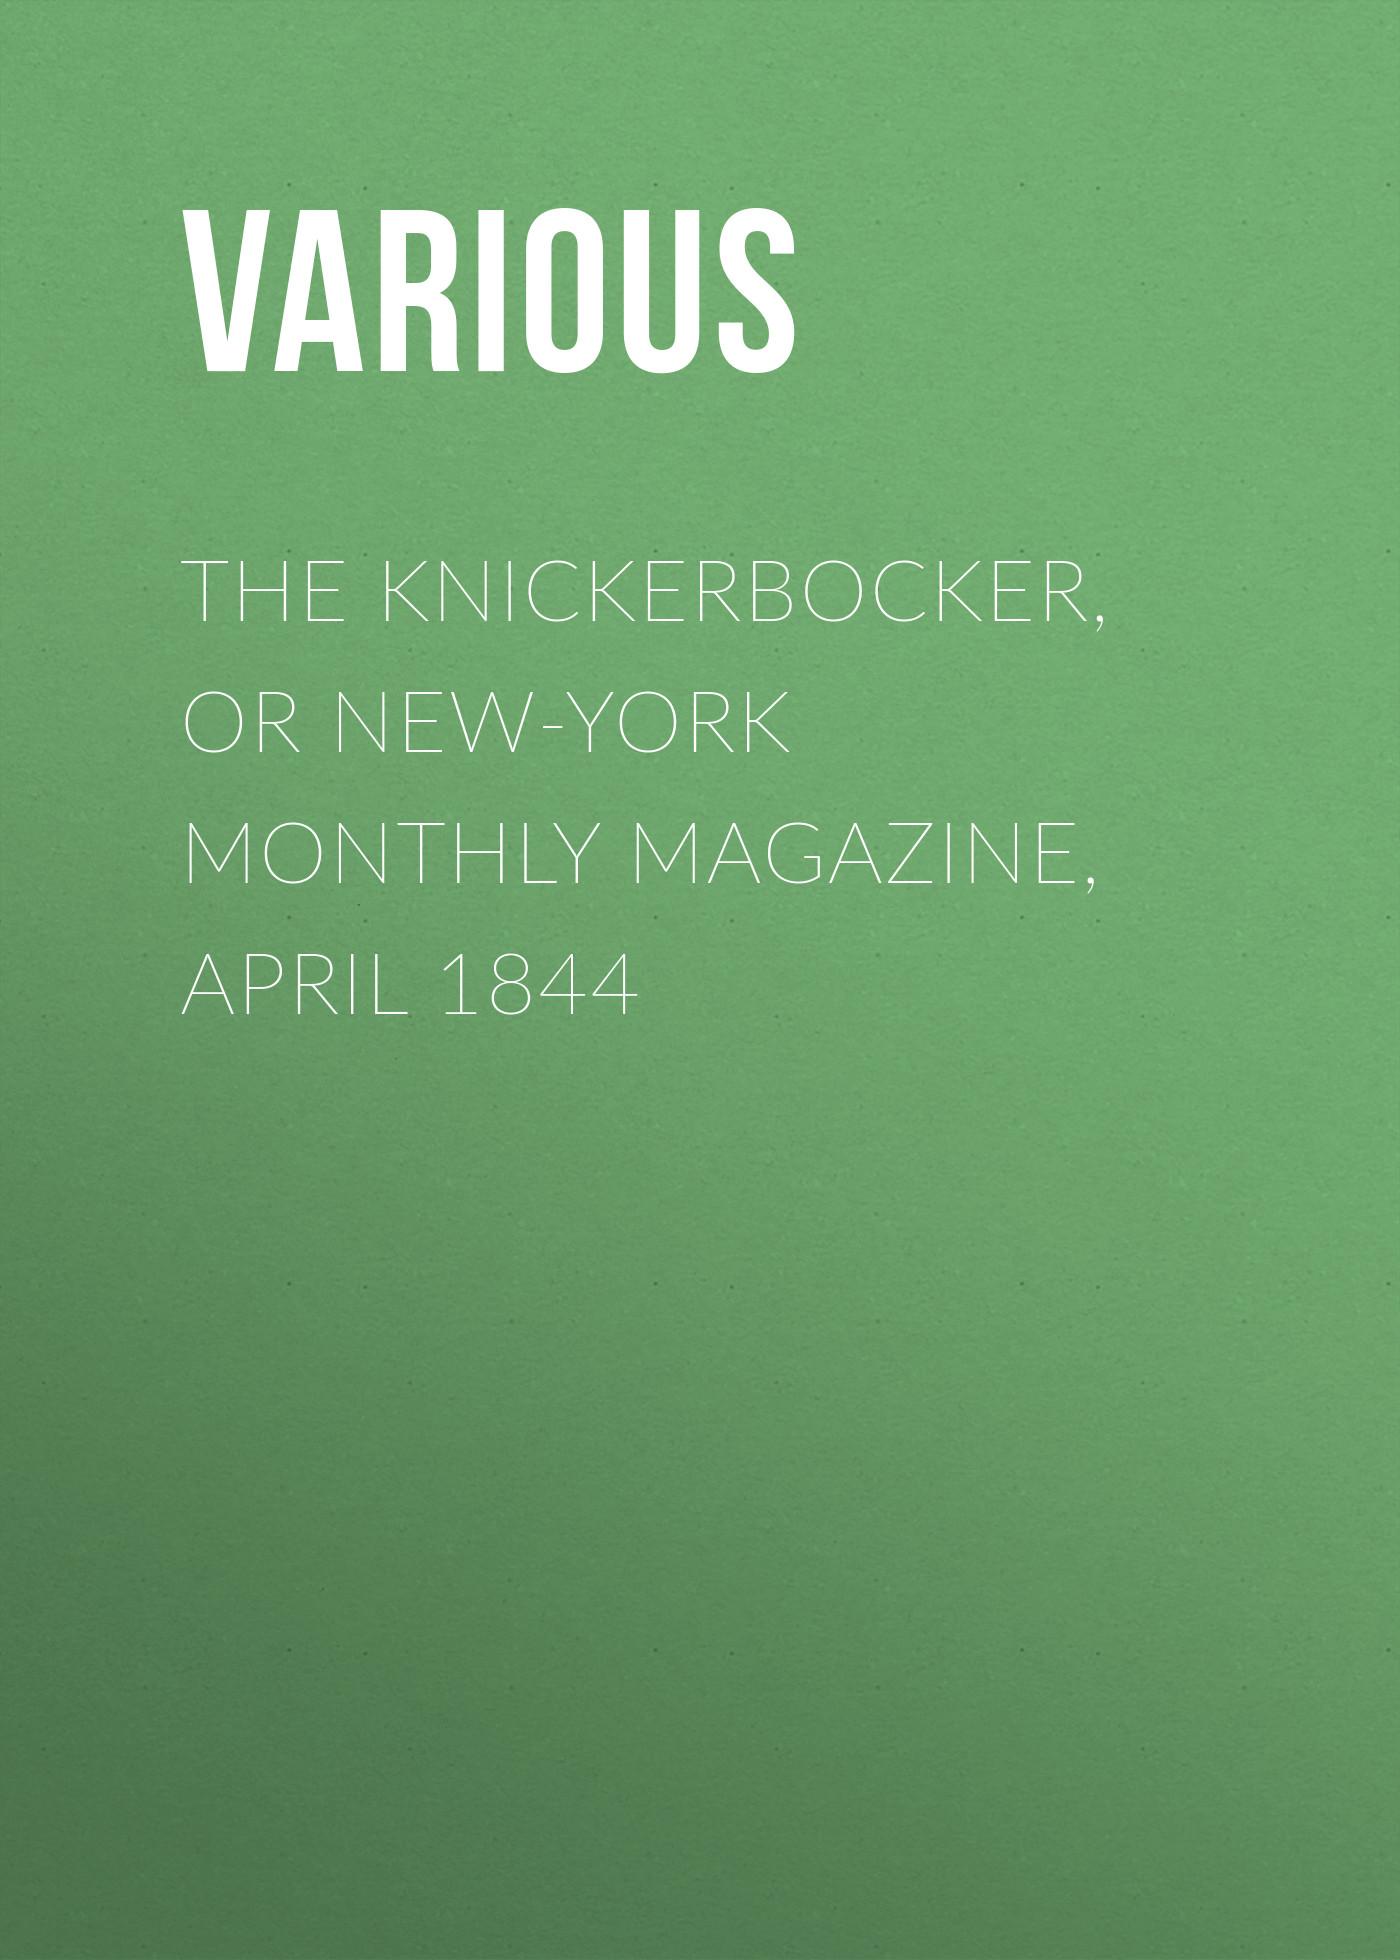 лучшая цена Various The Knickerbocker, or New-York Monthly Magazine, April 1844